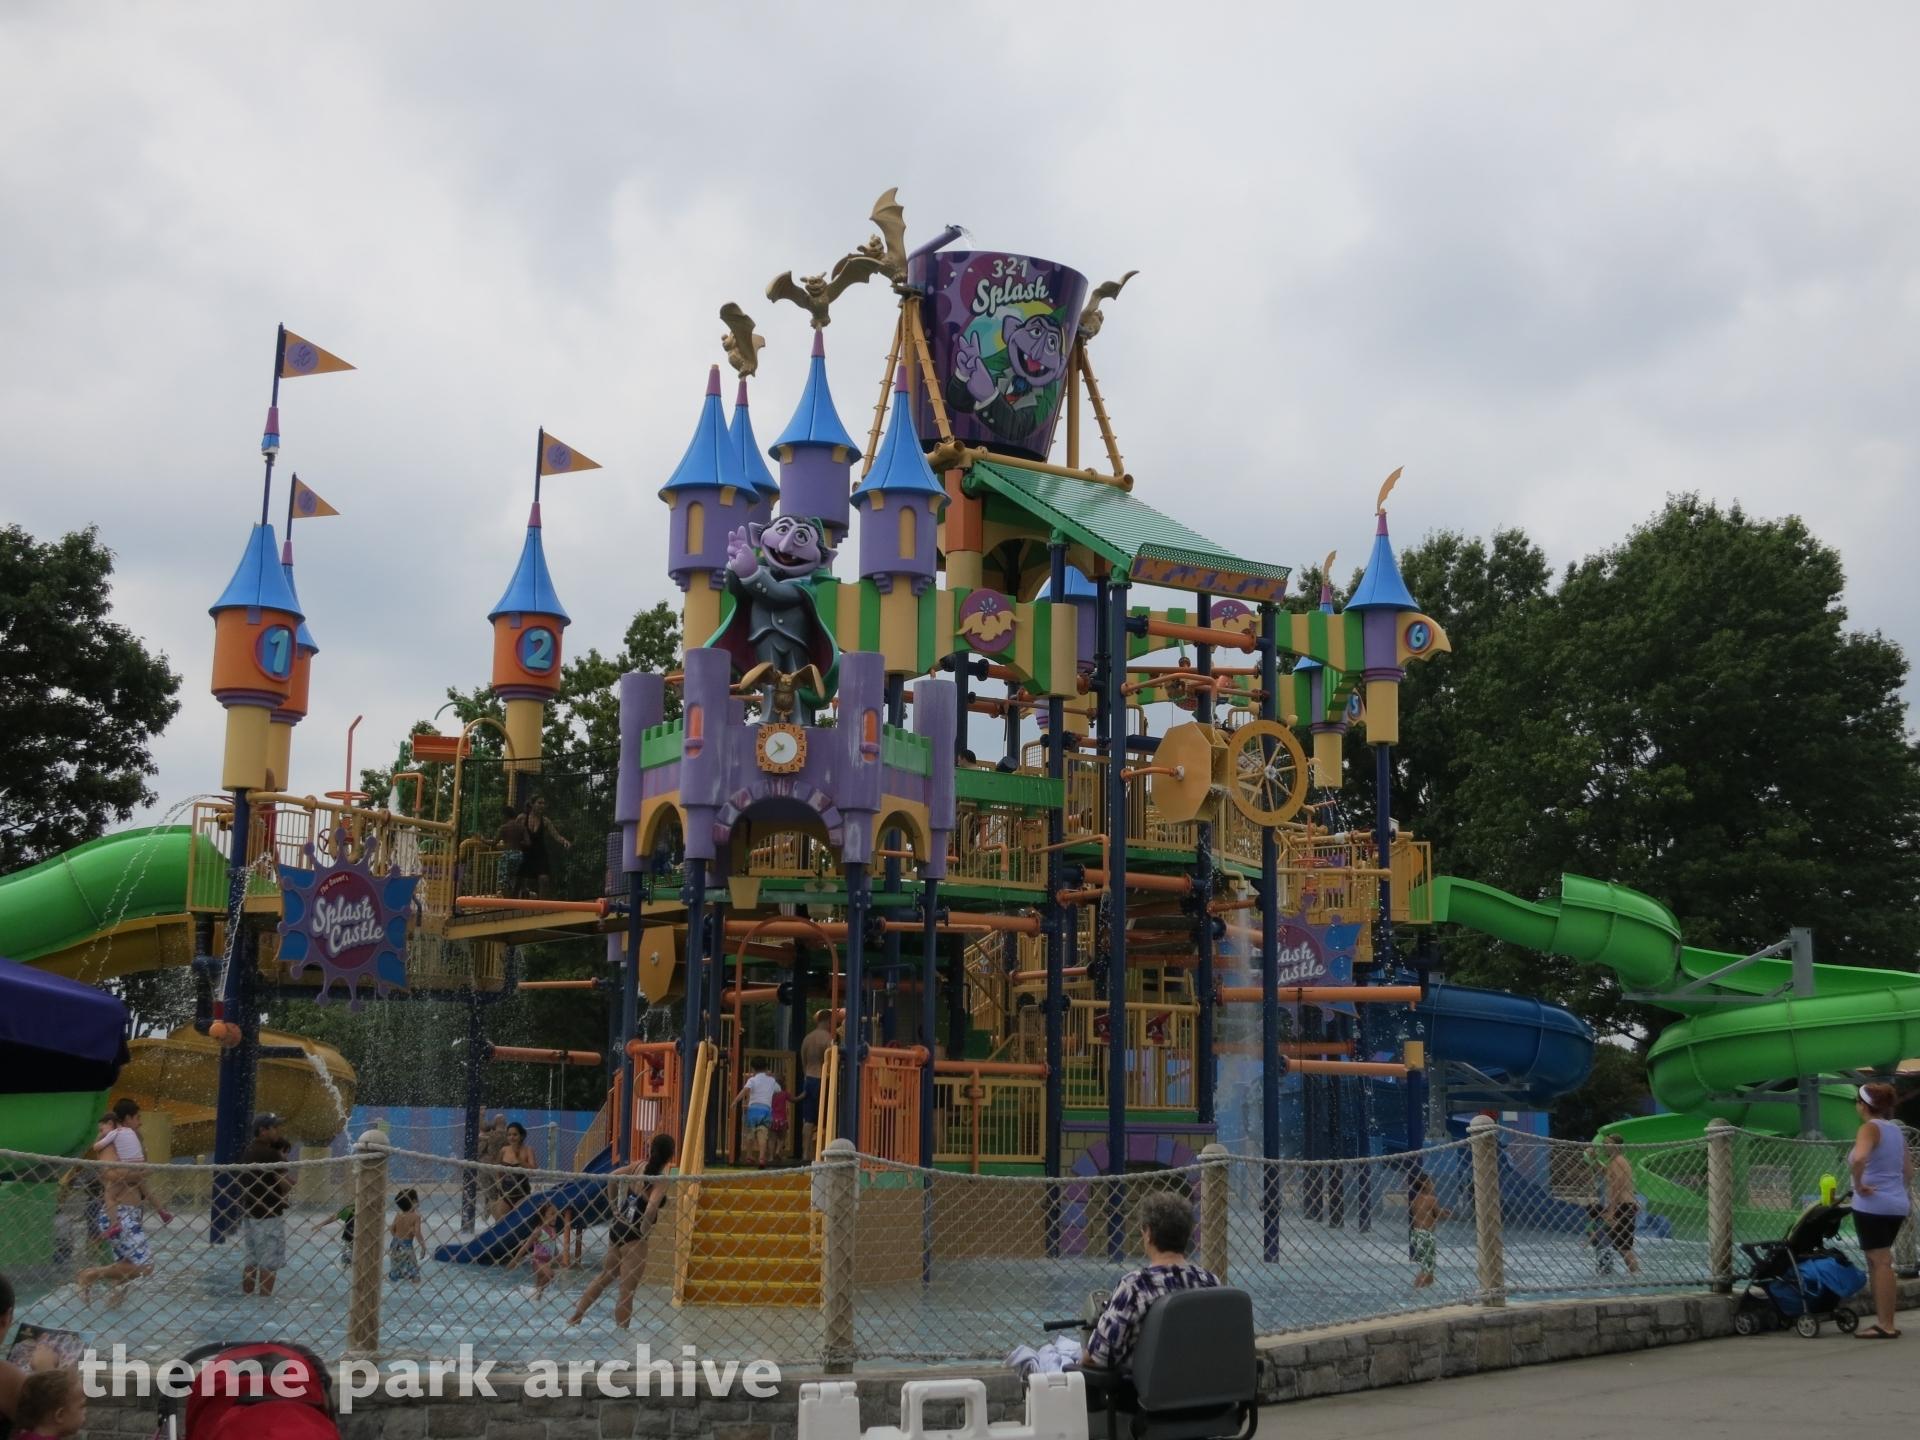 The Count's Splash Castle at Sesame Place